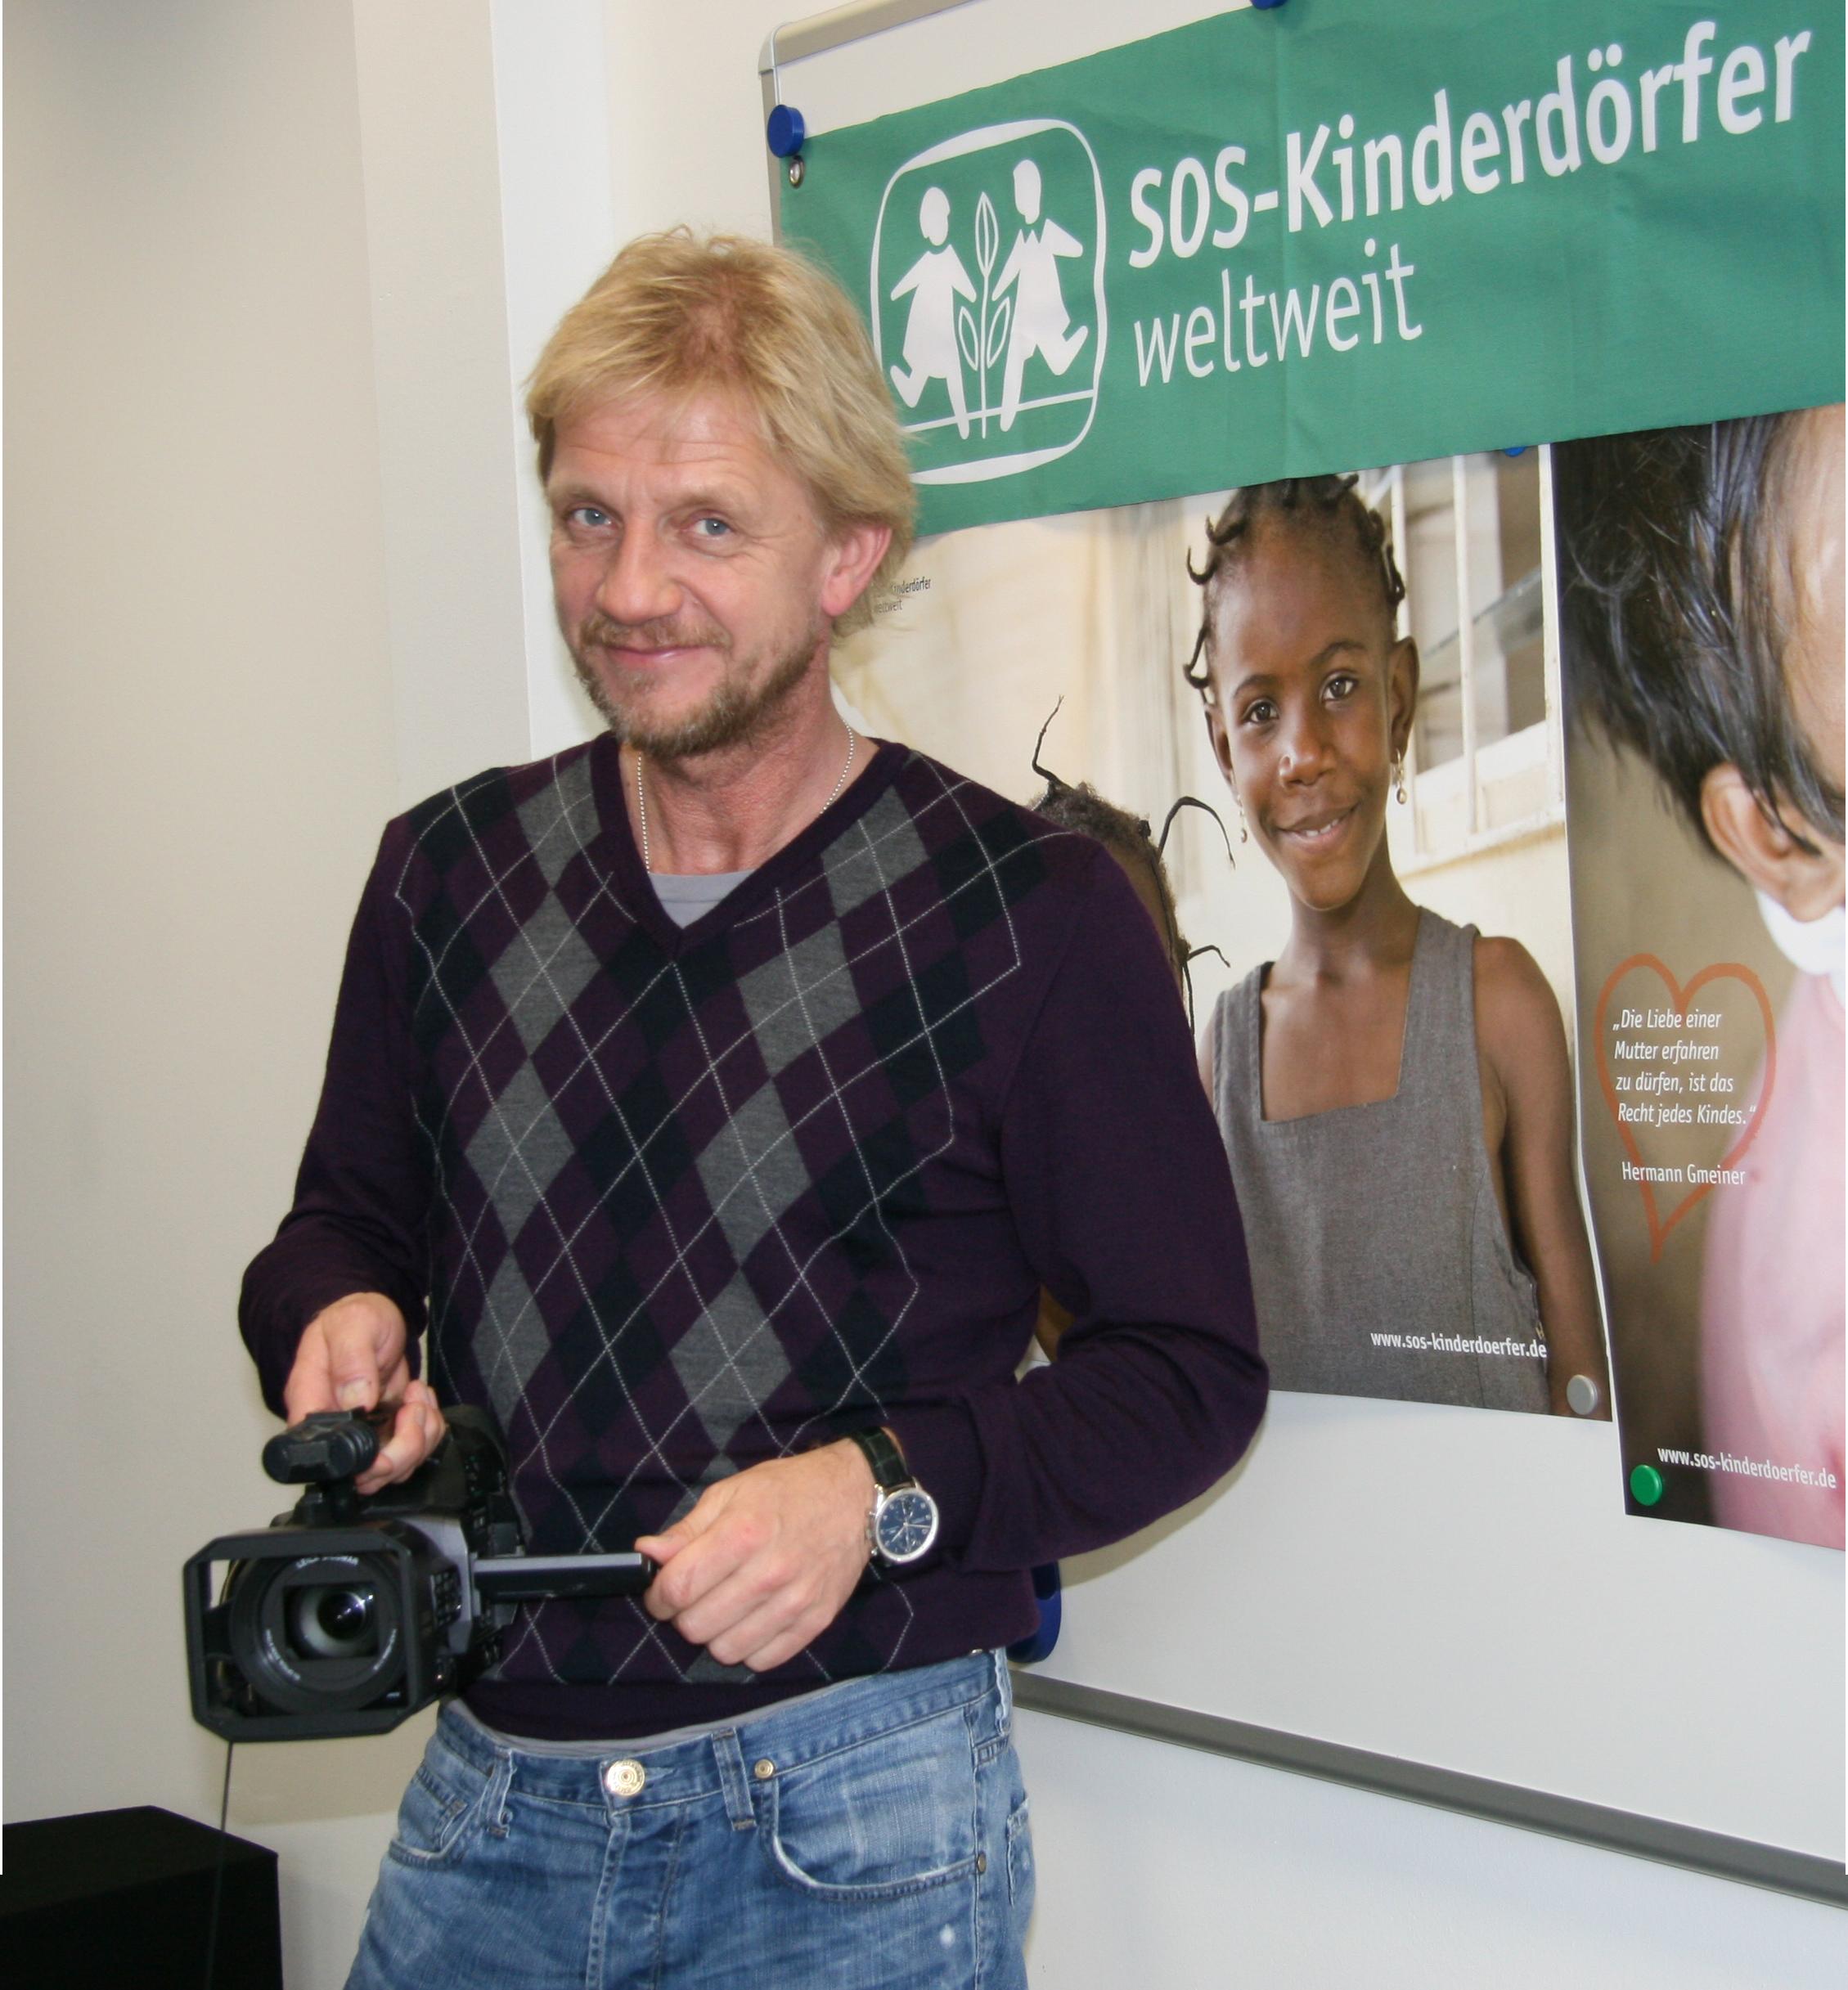 Pressemitteilung - SOS-Kinderdörfer versteigern \